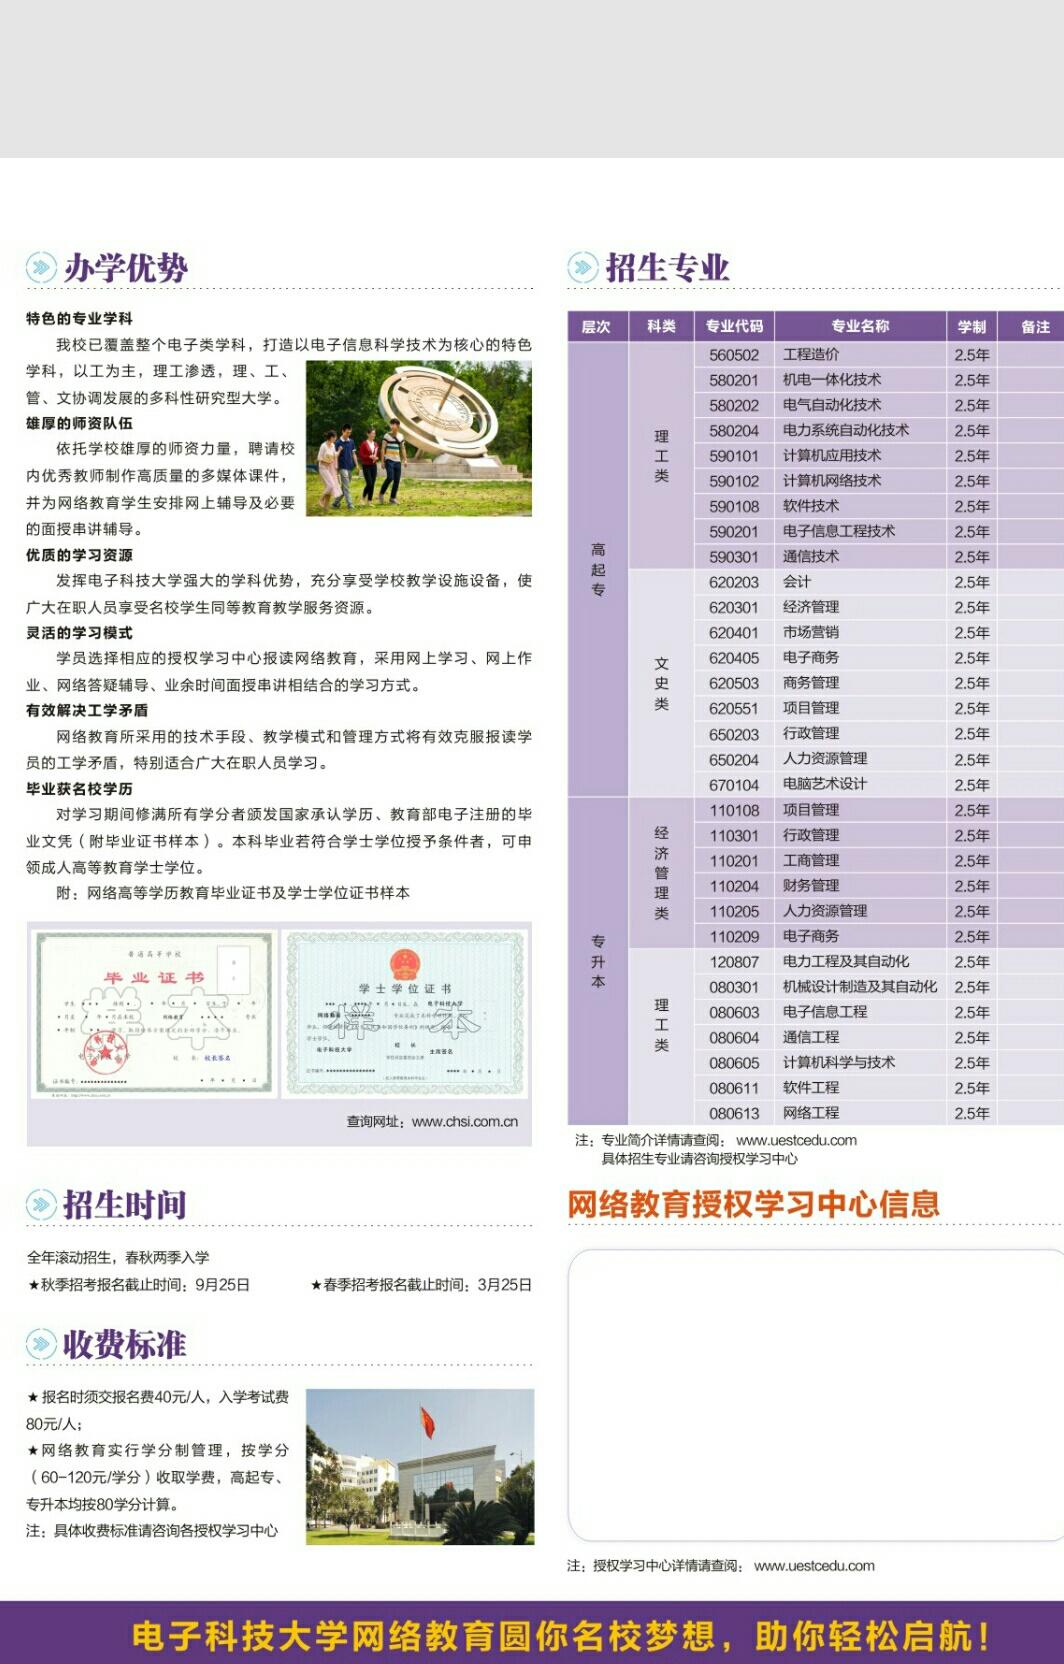 电子科技大学网络教育相册